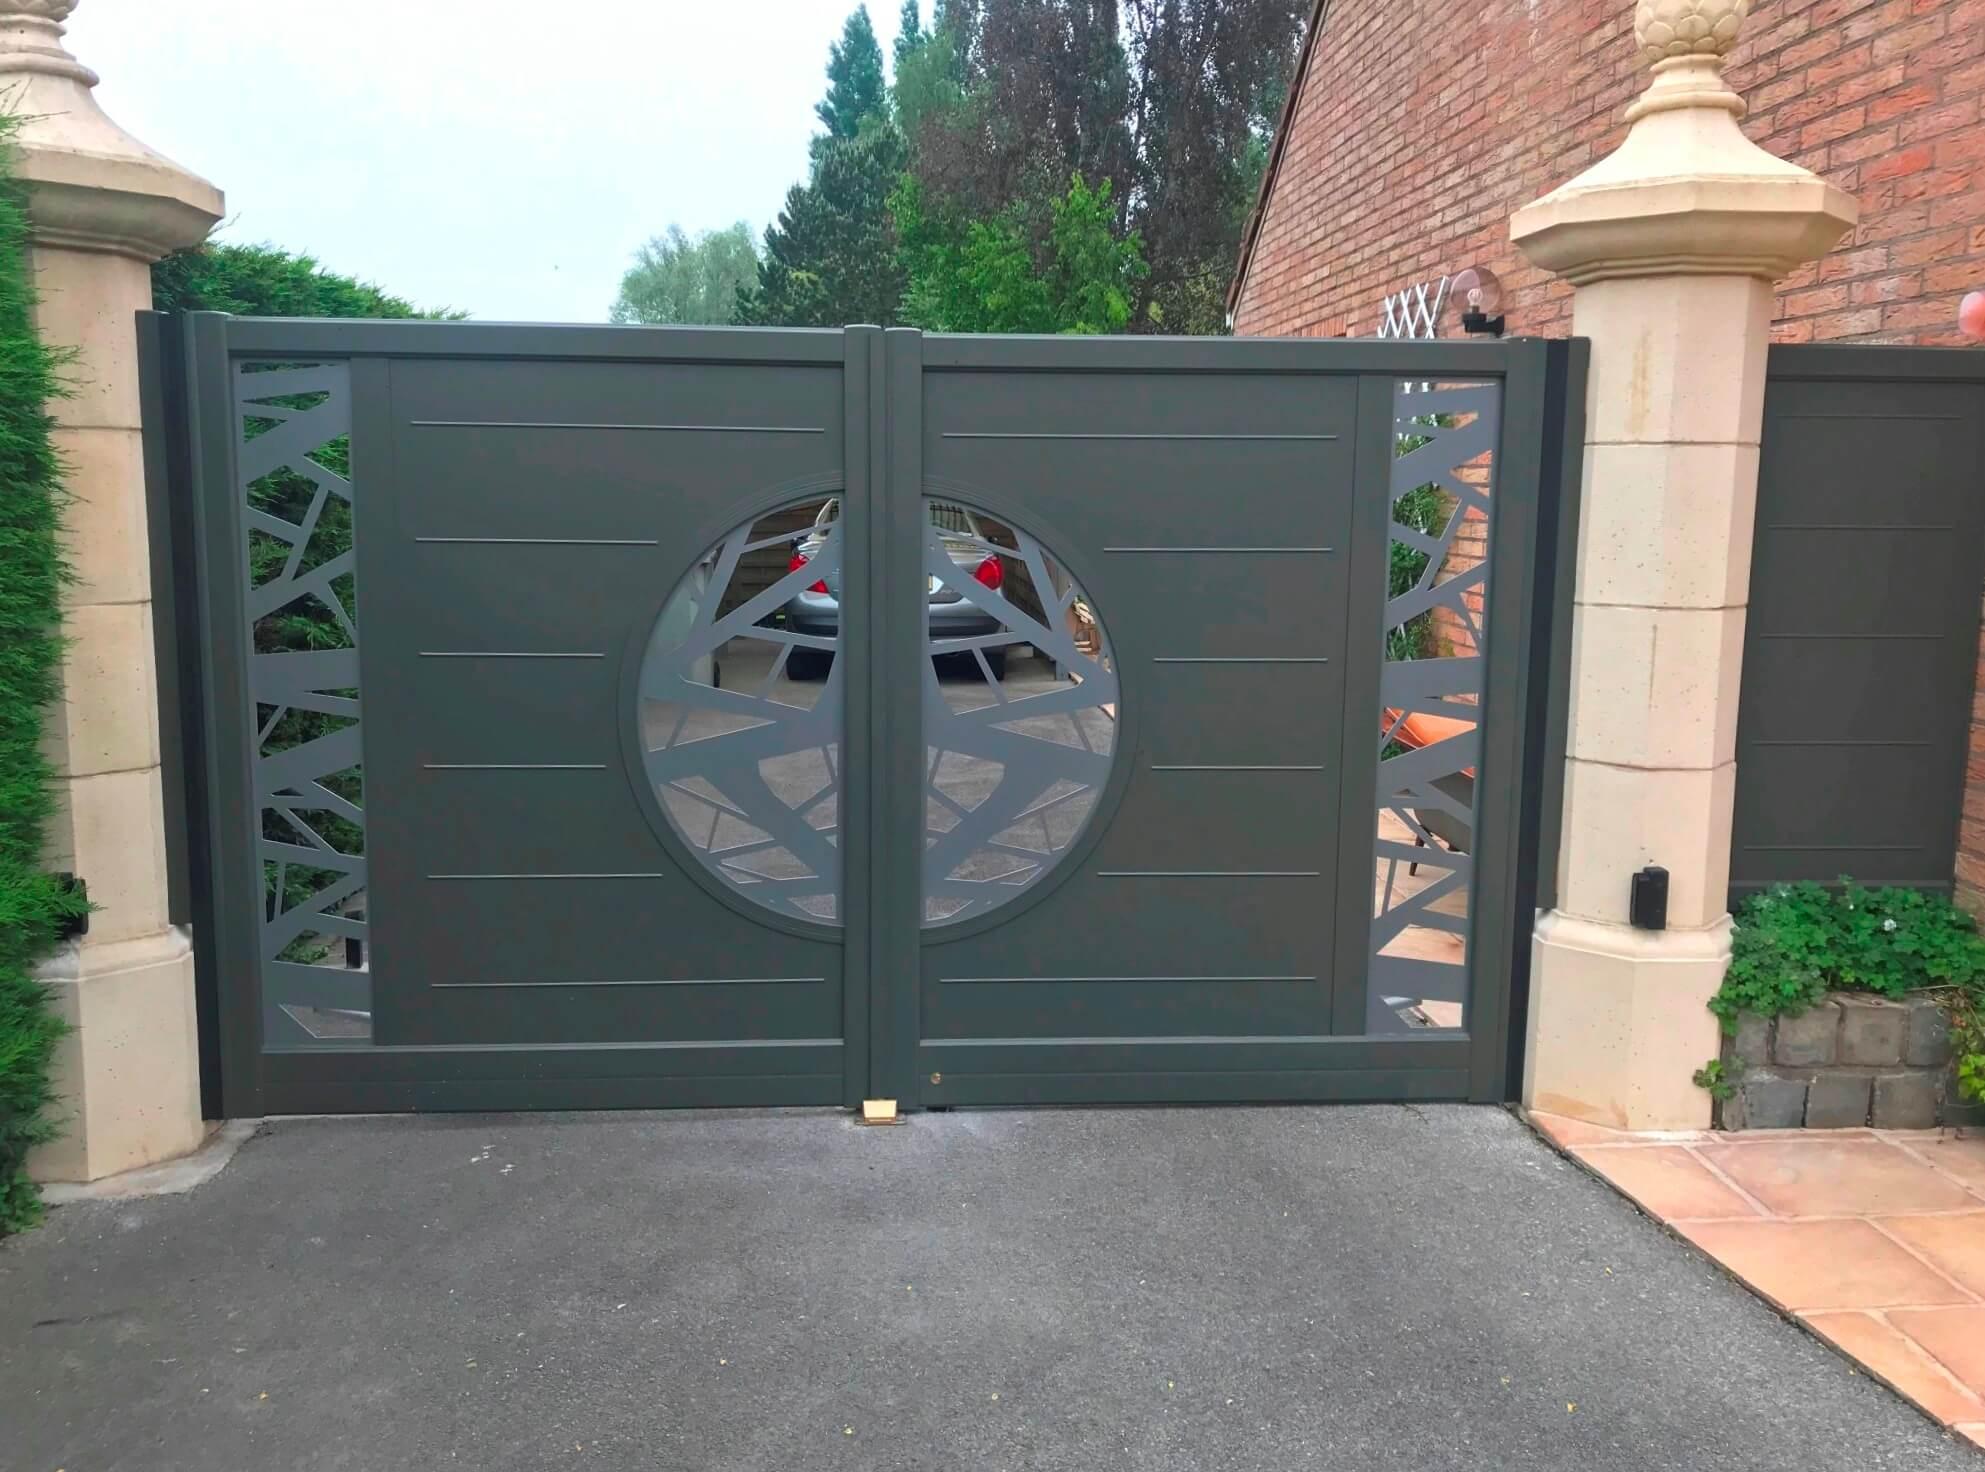 portail hazebrouck, portail aire sur la lys, portail steenbecque, portail morbecque, portail lille (4)